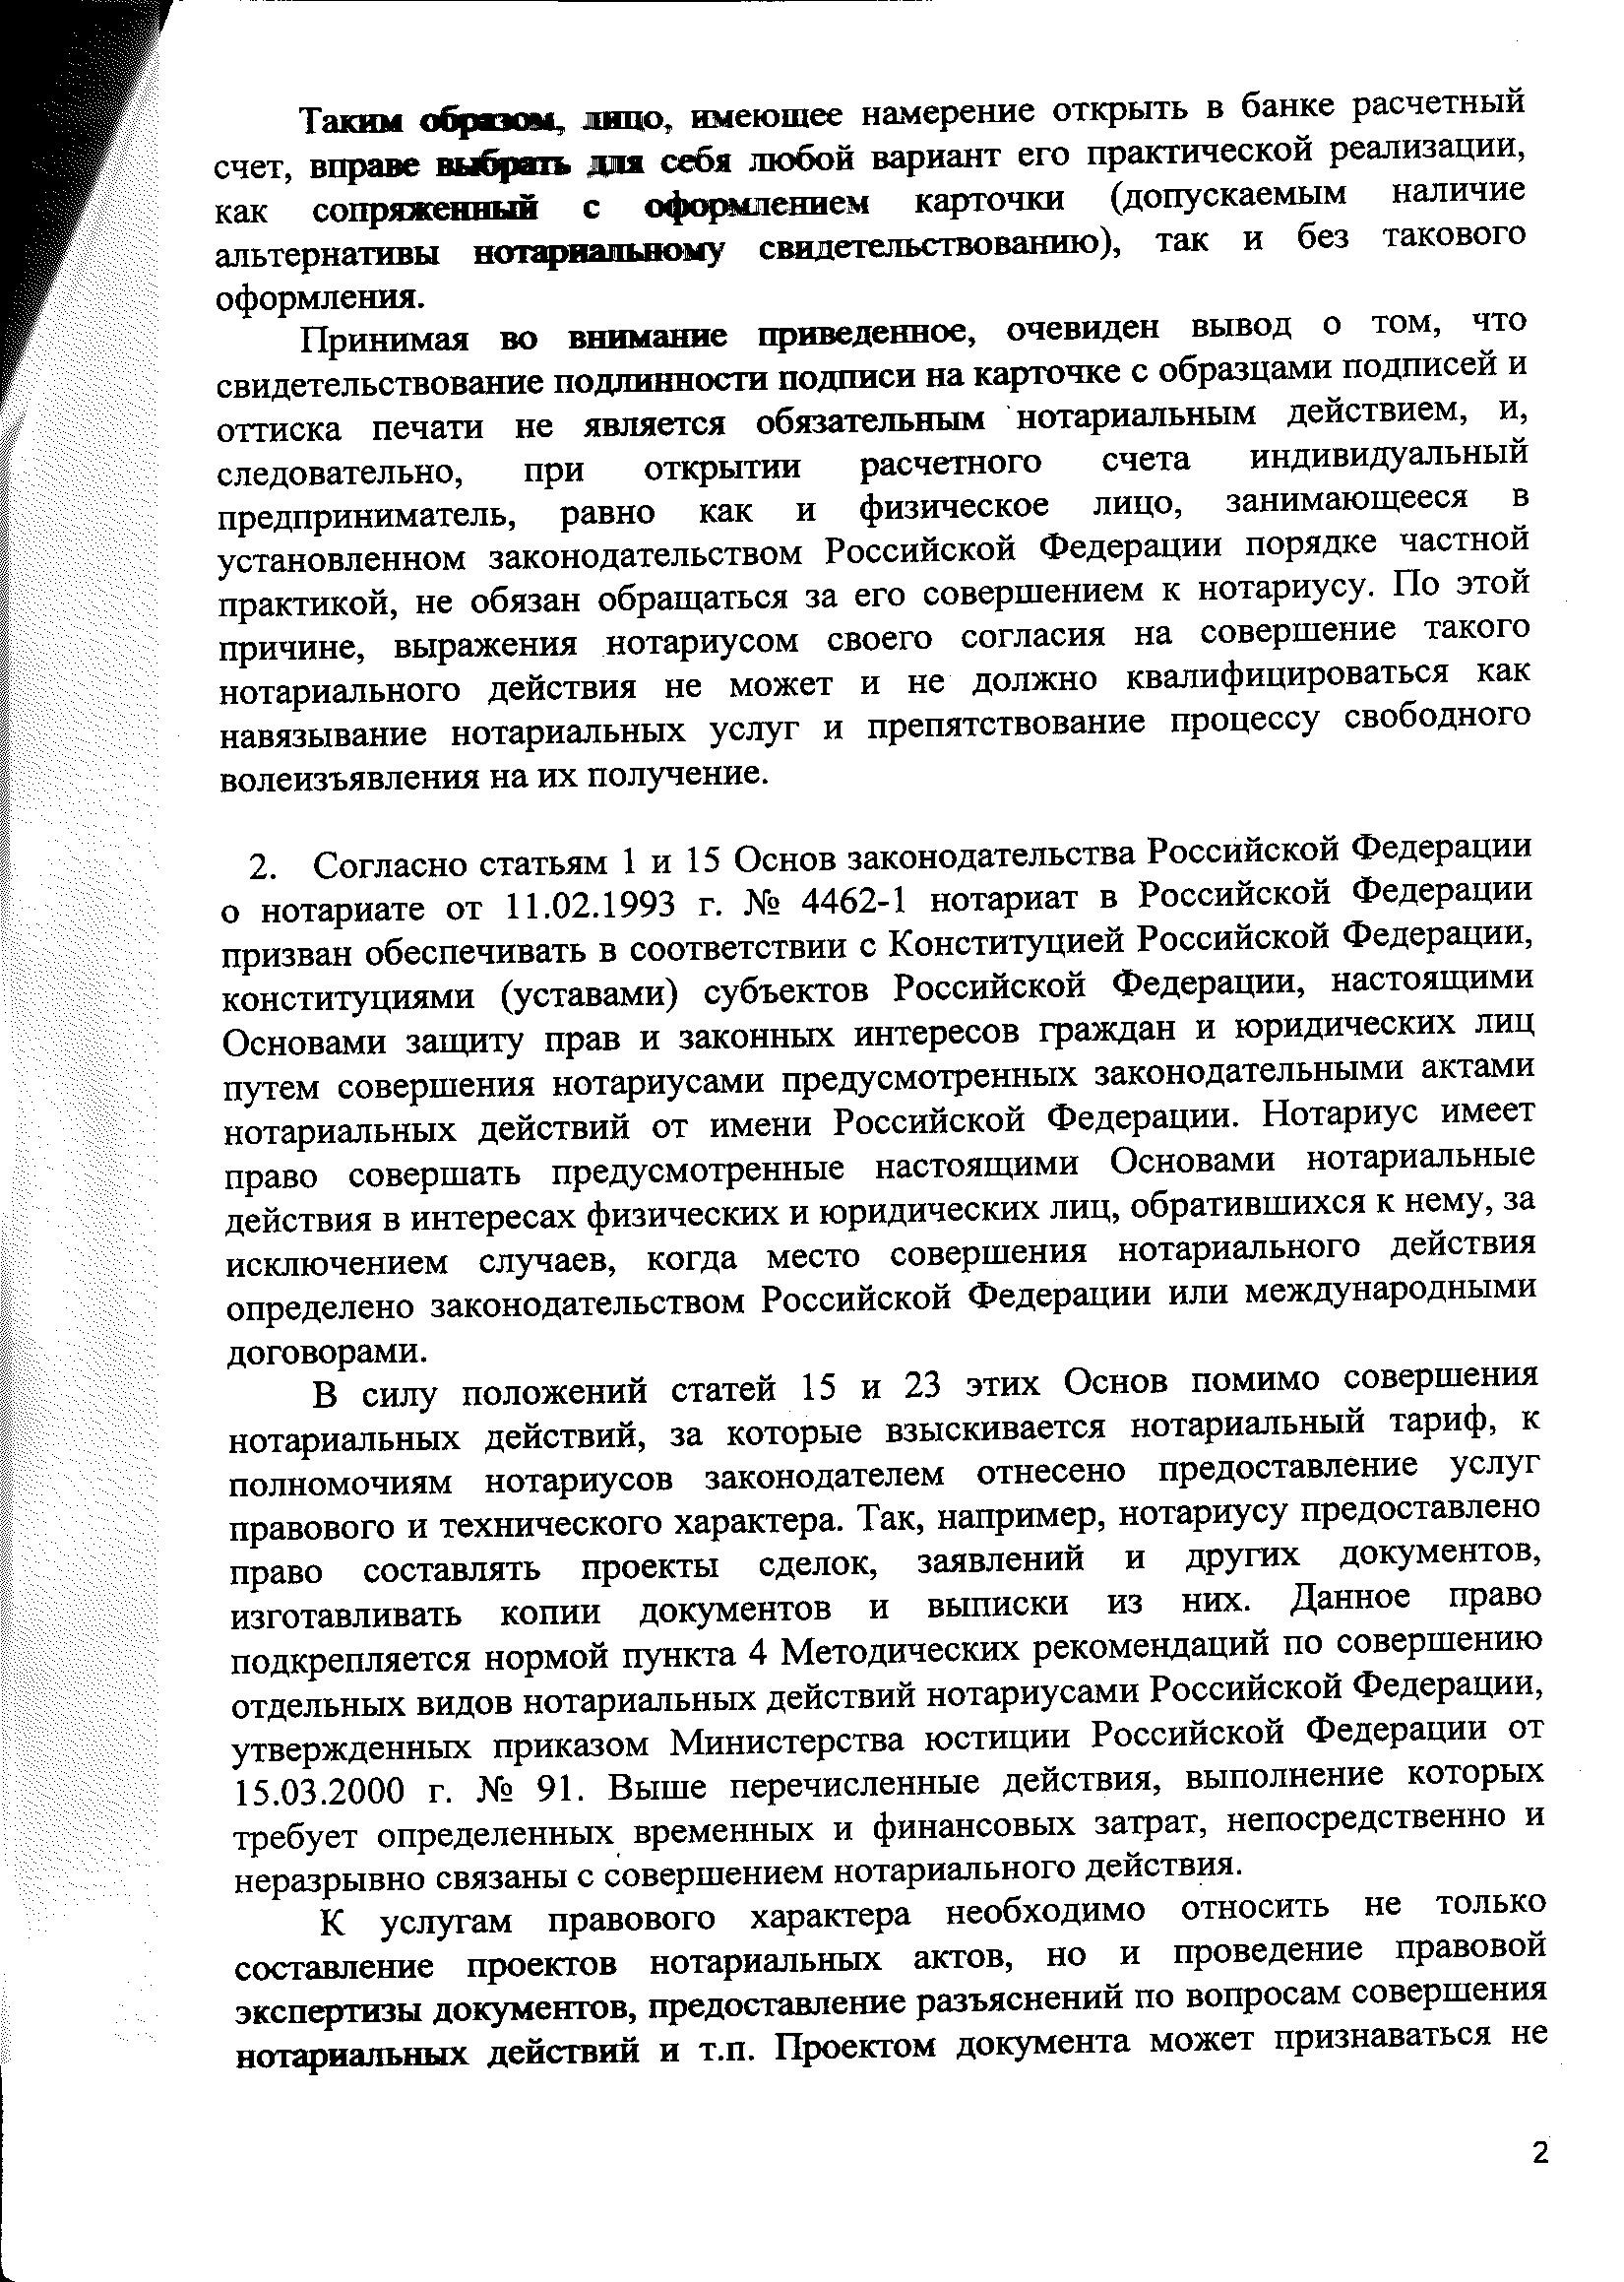 Ответ ННП стр.2